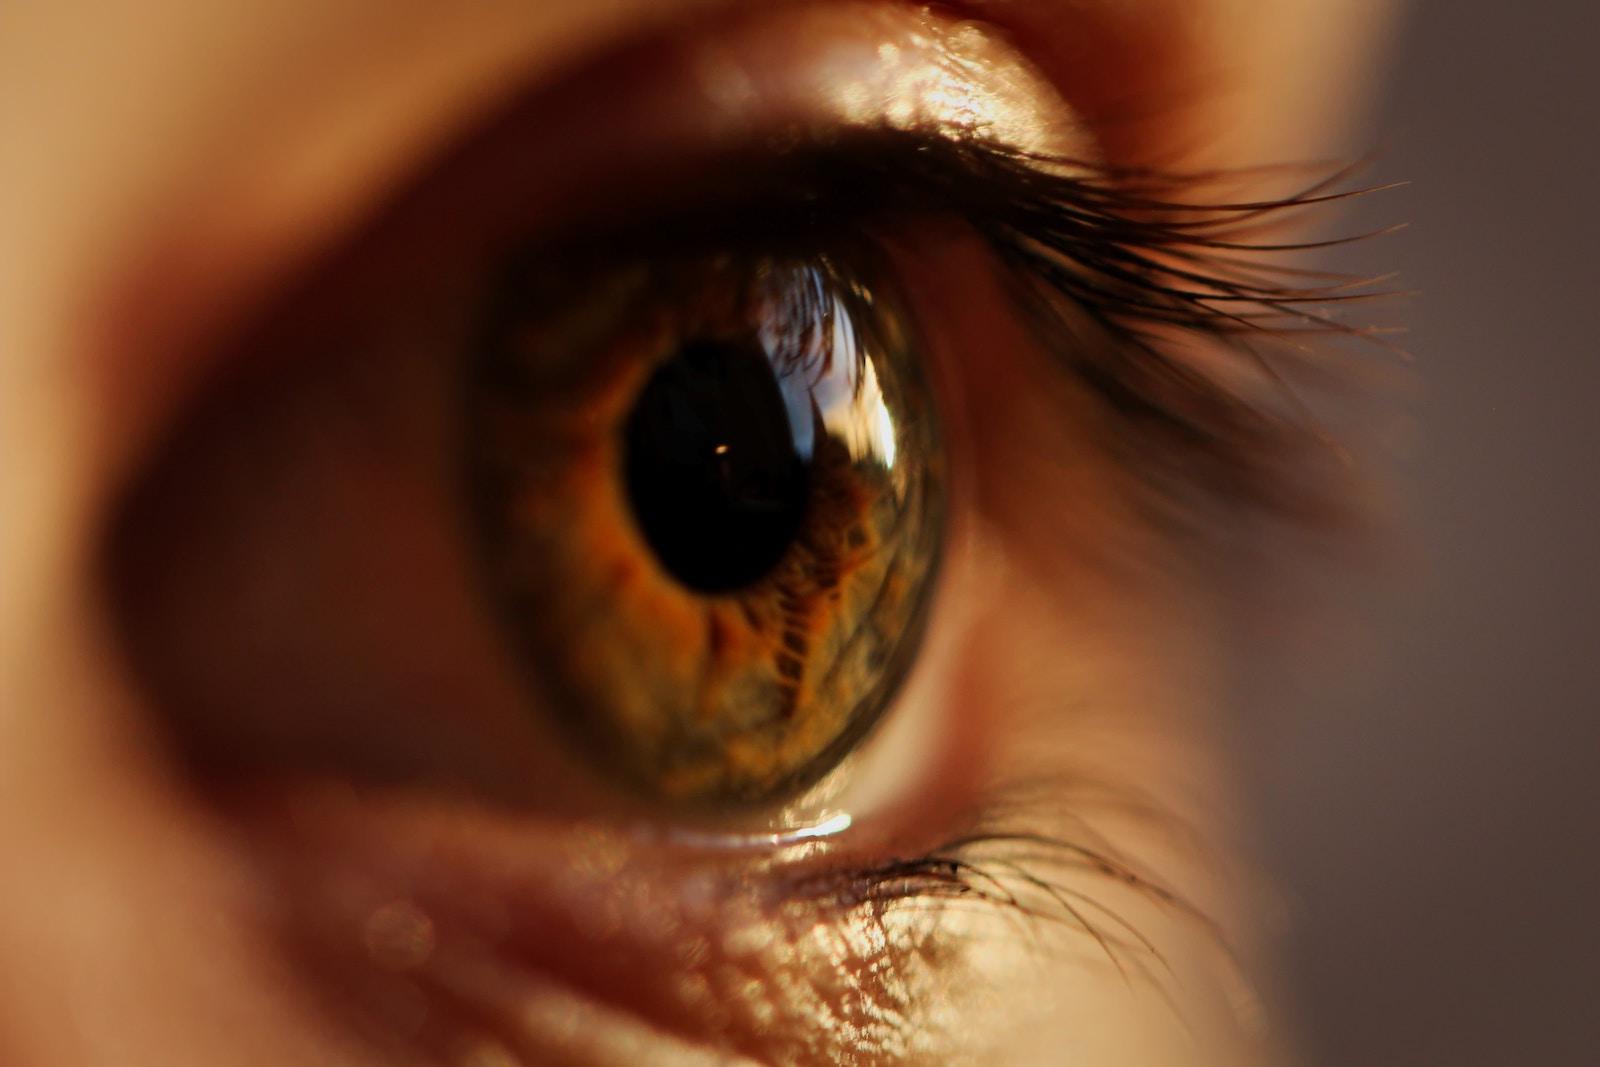 Obiceiuri româneşti: De-a v-aţi ascunselea